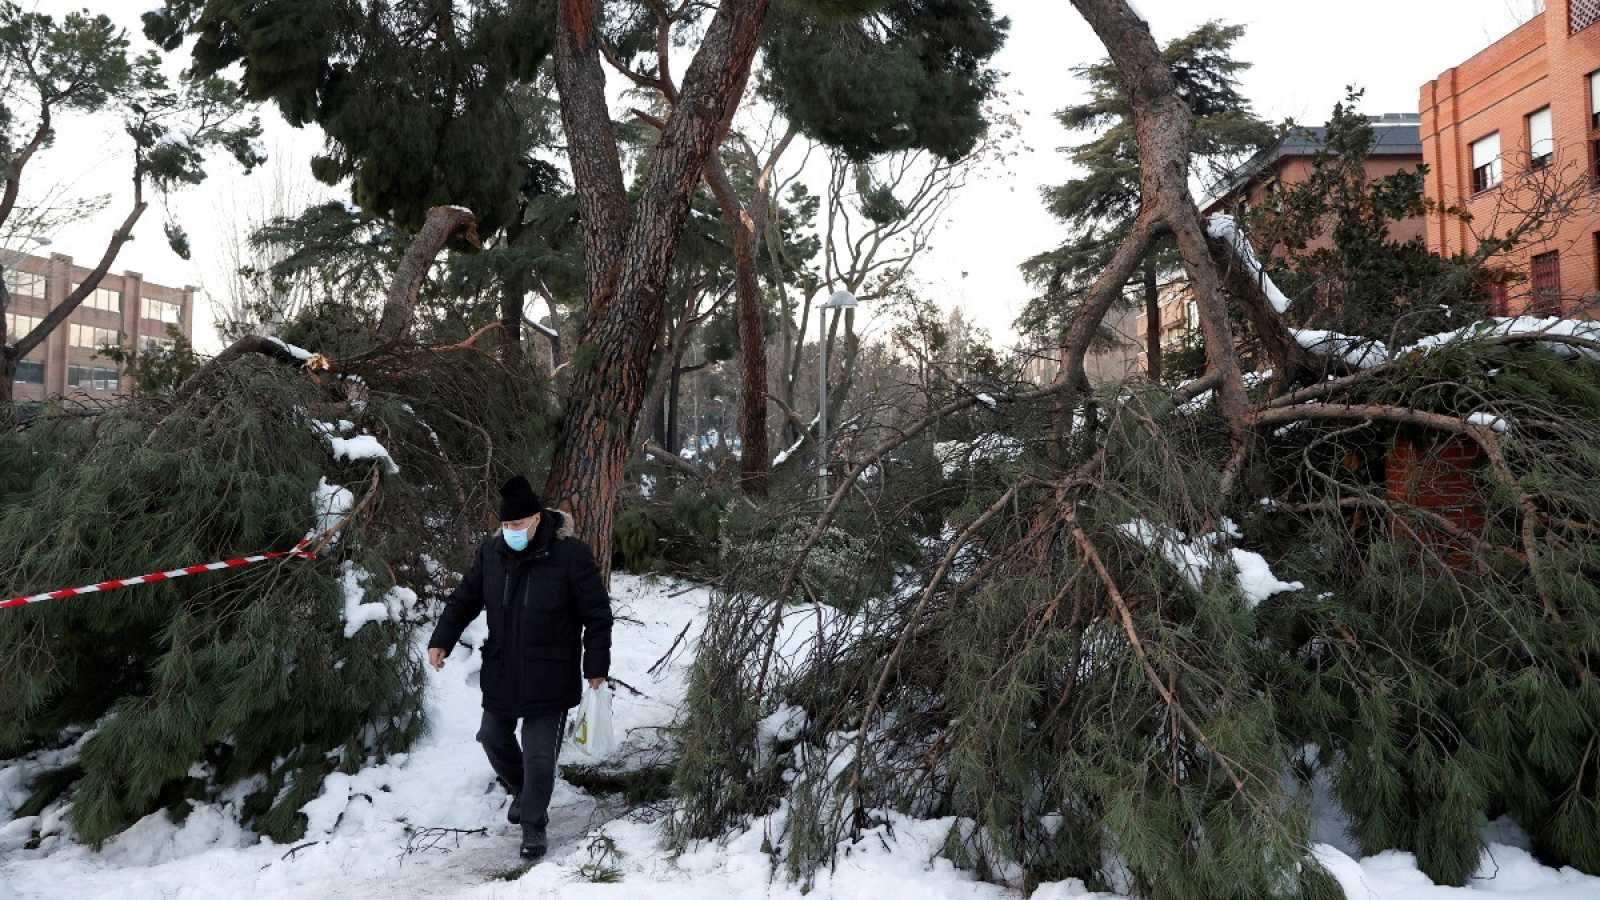 Telediario-El temporal Filomena daña más de 600.000 árboles en Madrid-17/01/21-ver ahora